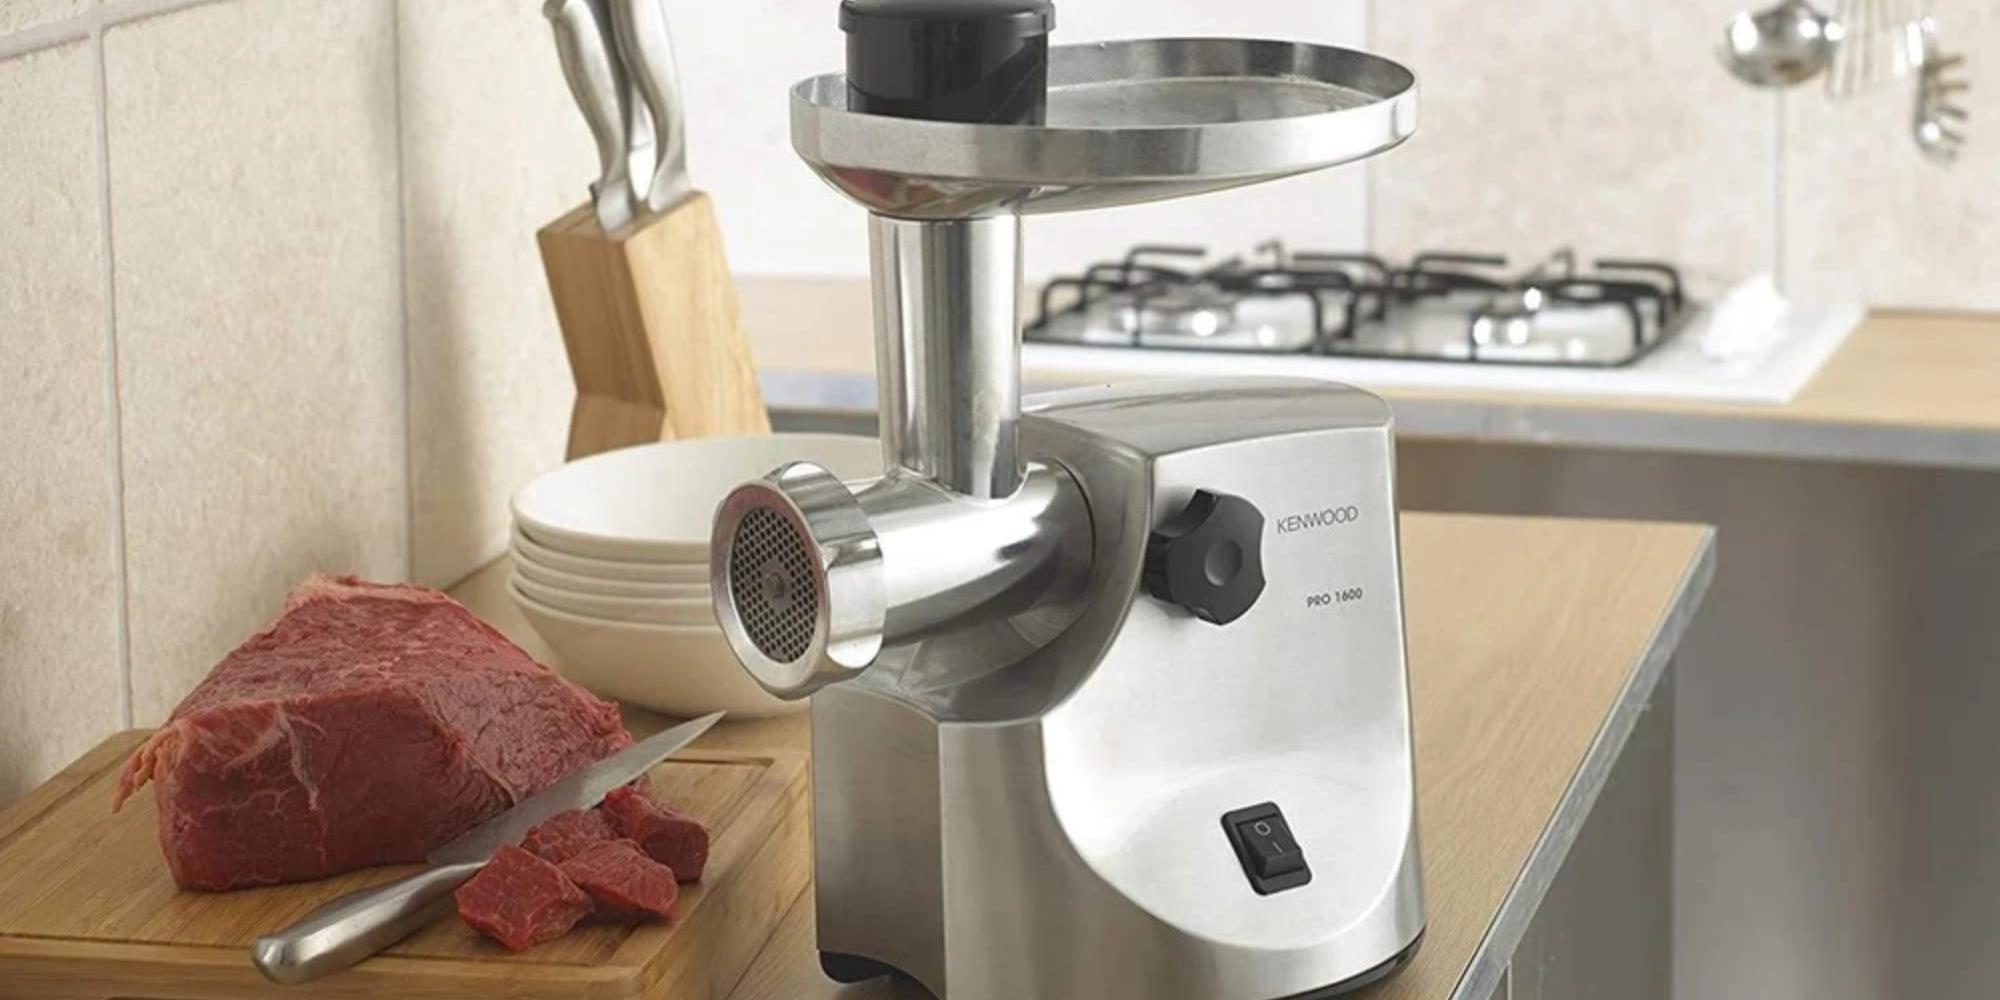 فرامة لحمة - من أفضل أجهزة المطبخ